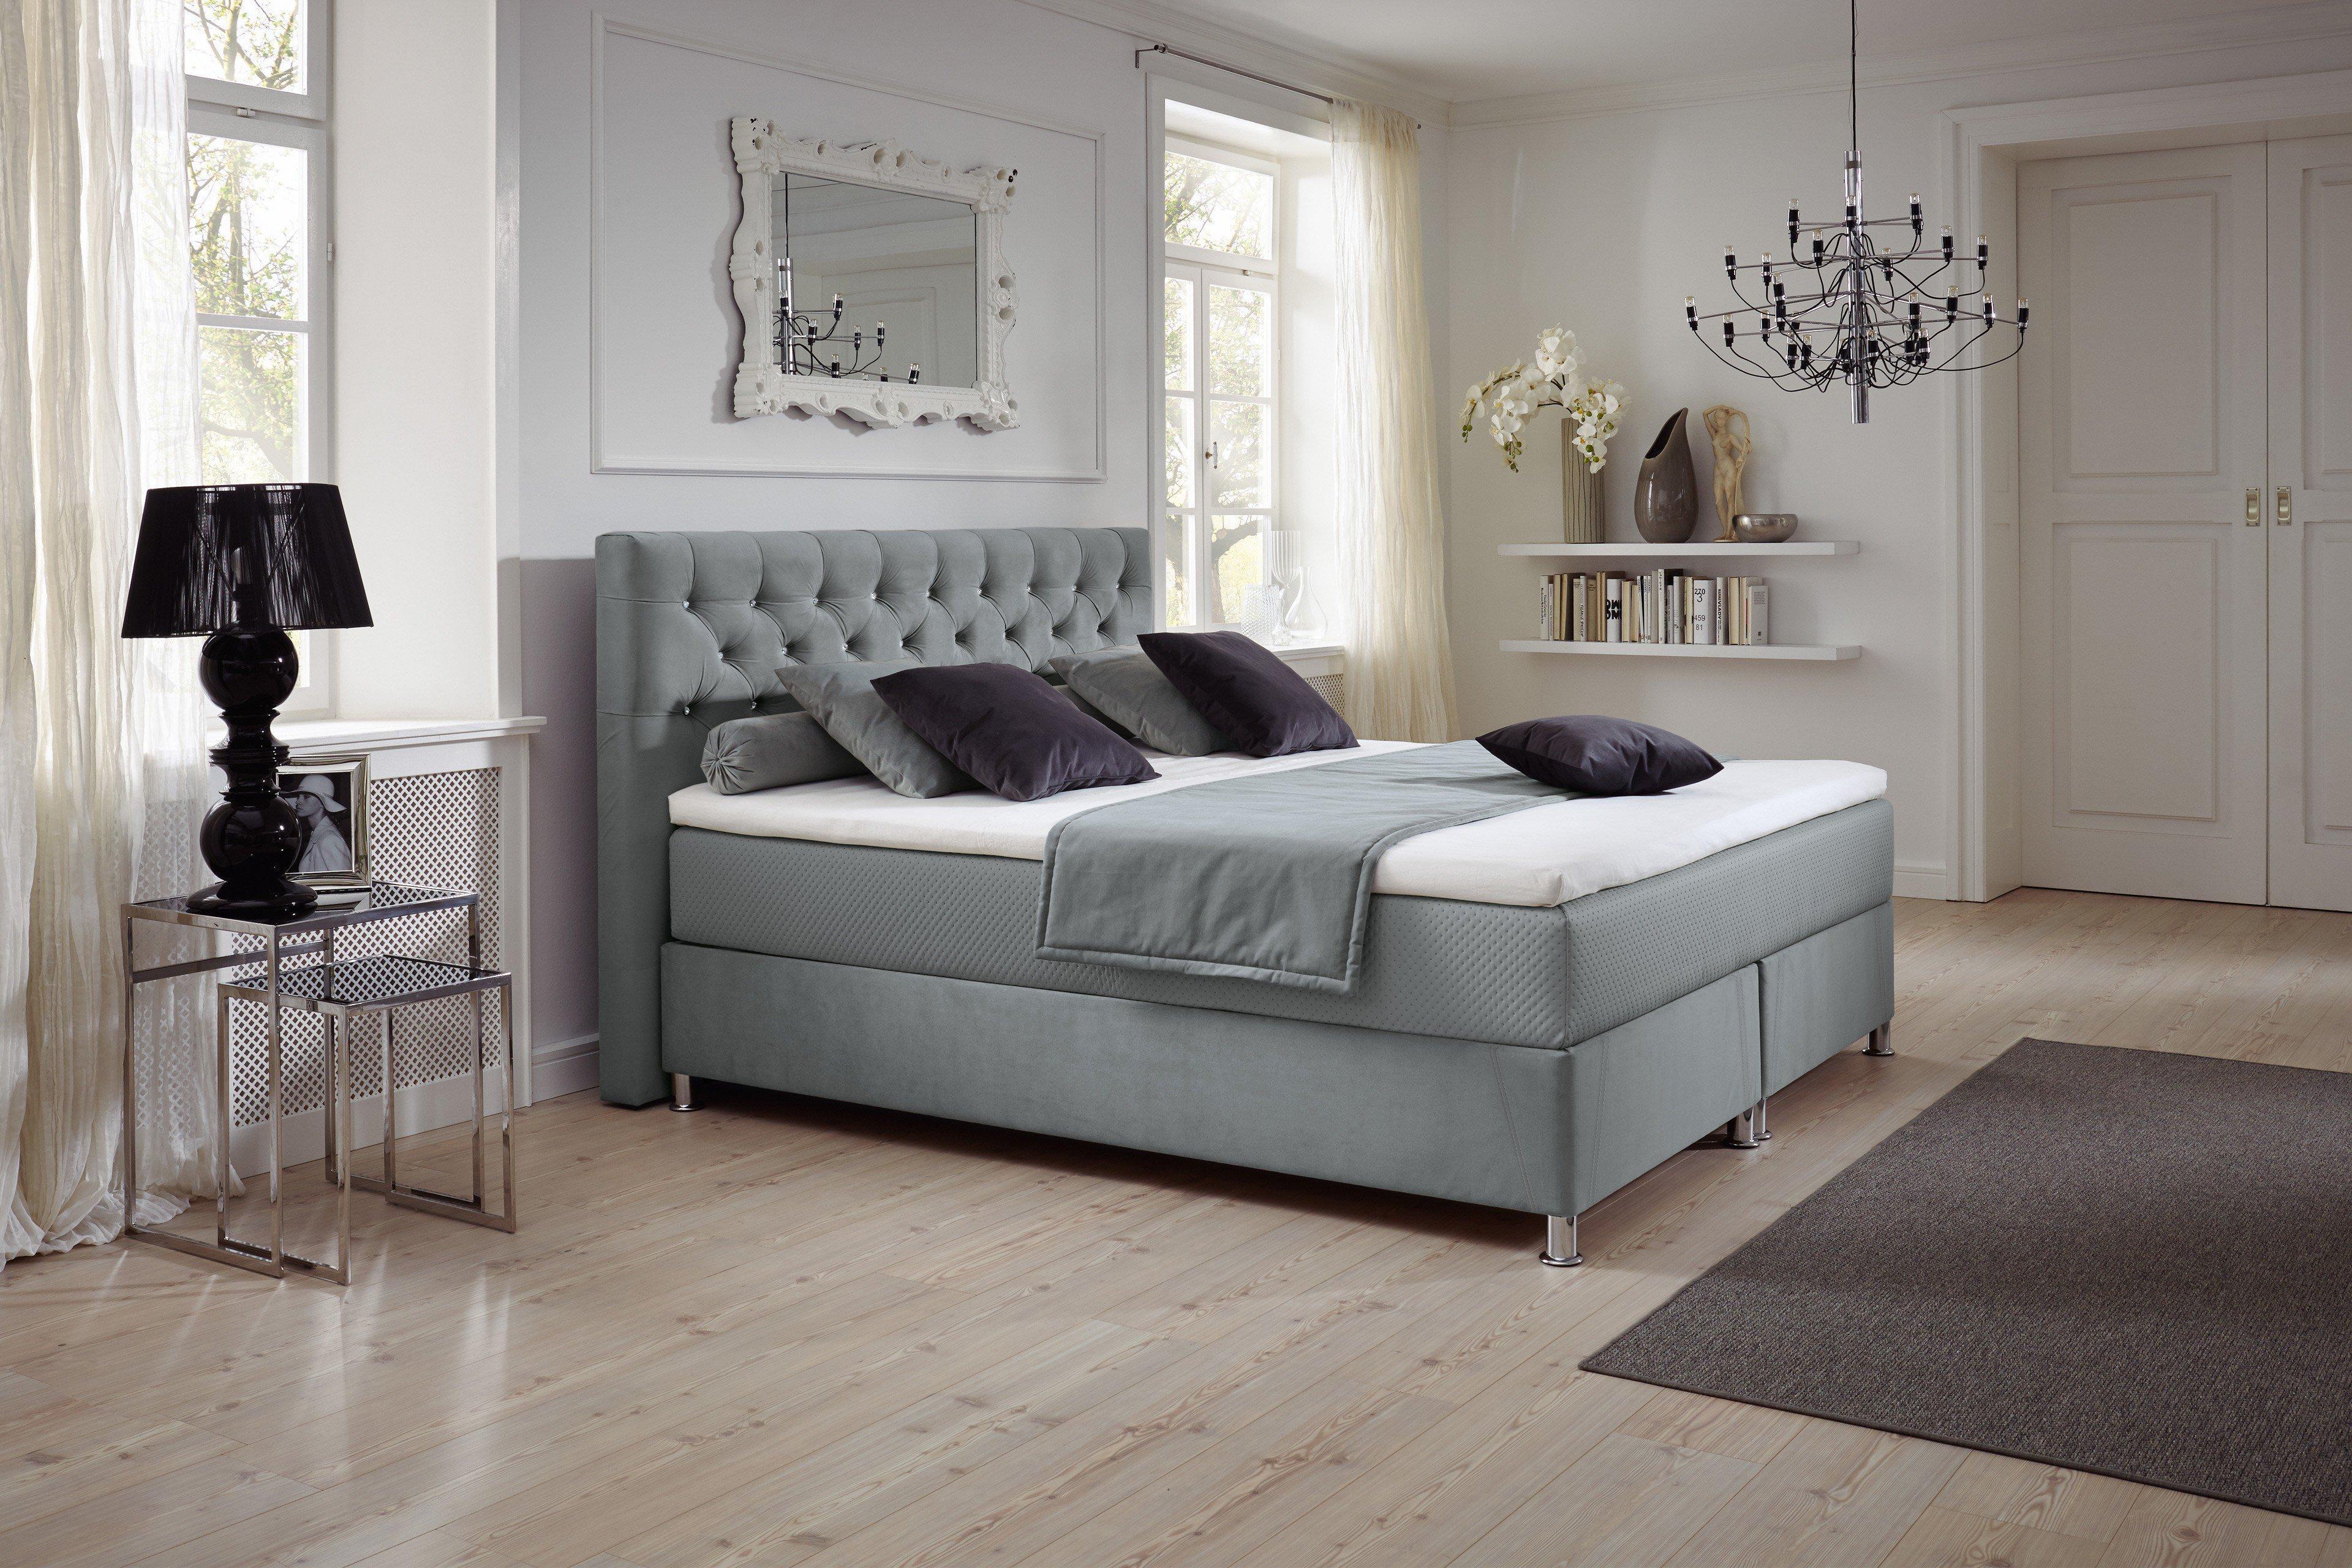 hapo polsterbett diamond mit bettkasten im chesterfield stil m bel letz ihr online shop. Black Bedroom Furniture Sets. Home Design Ideas